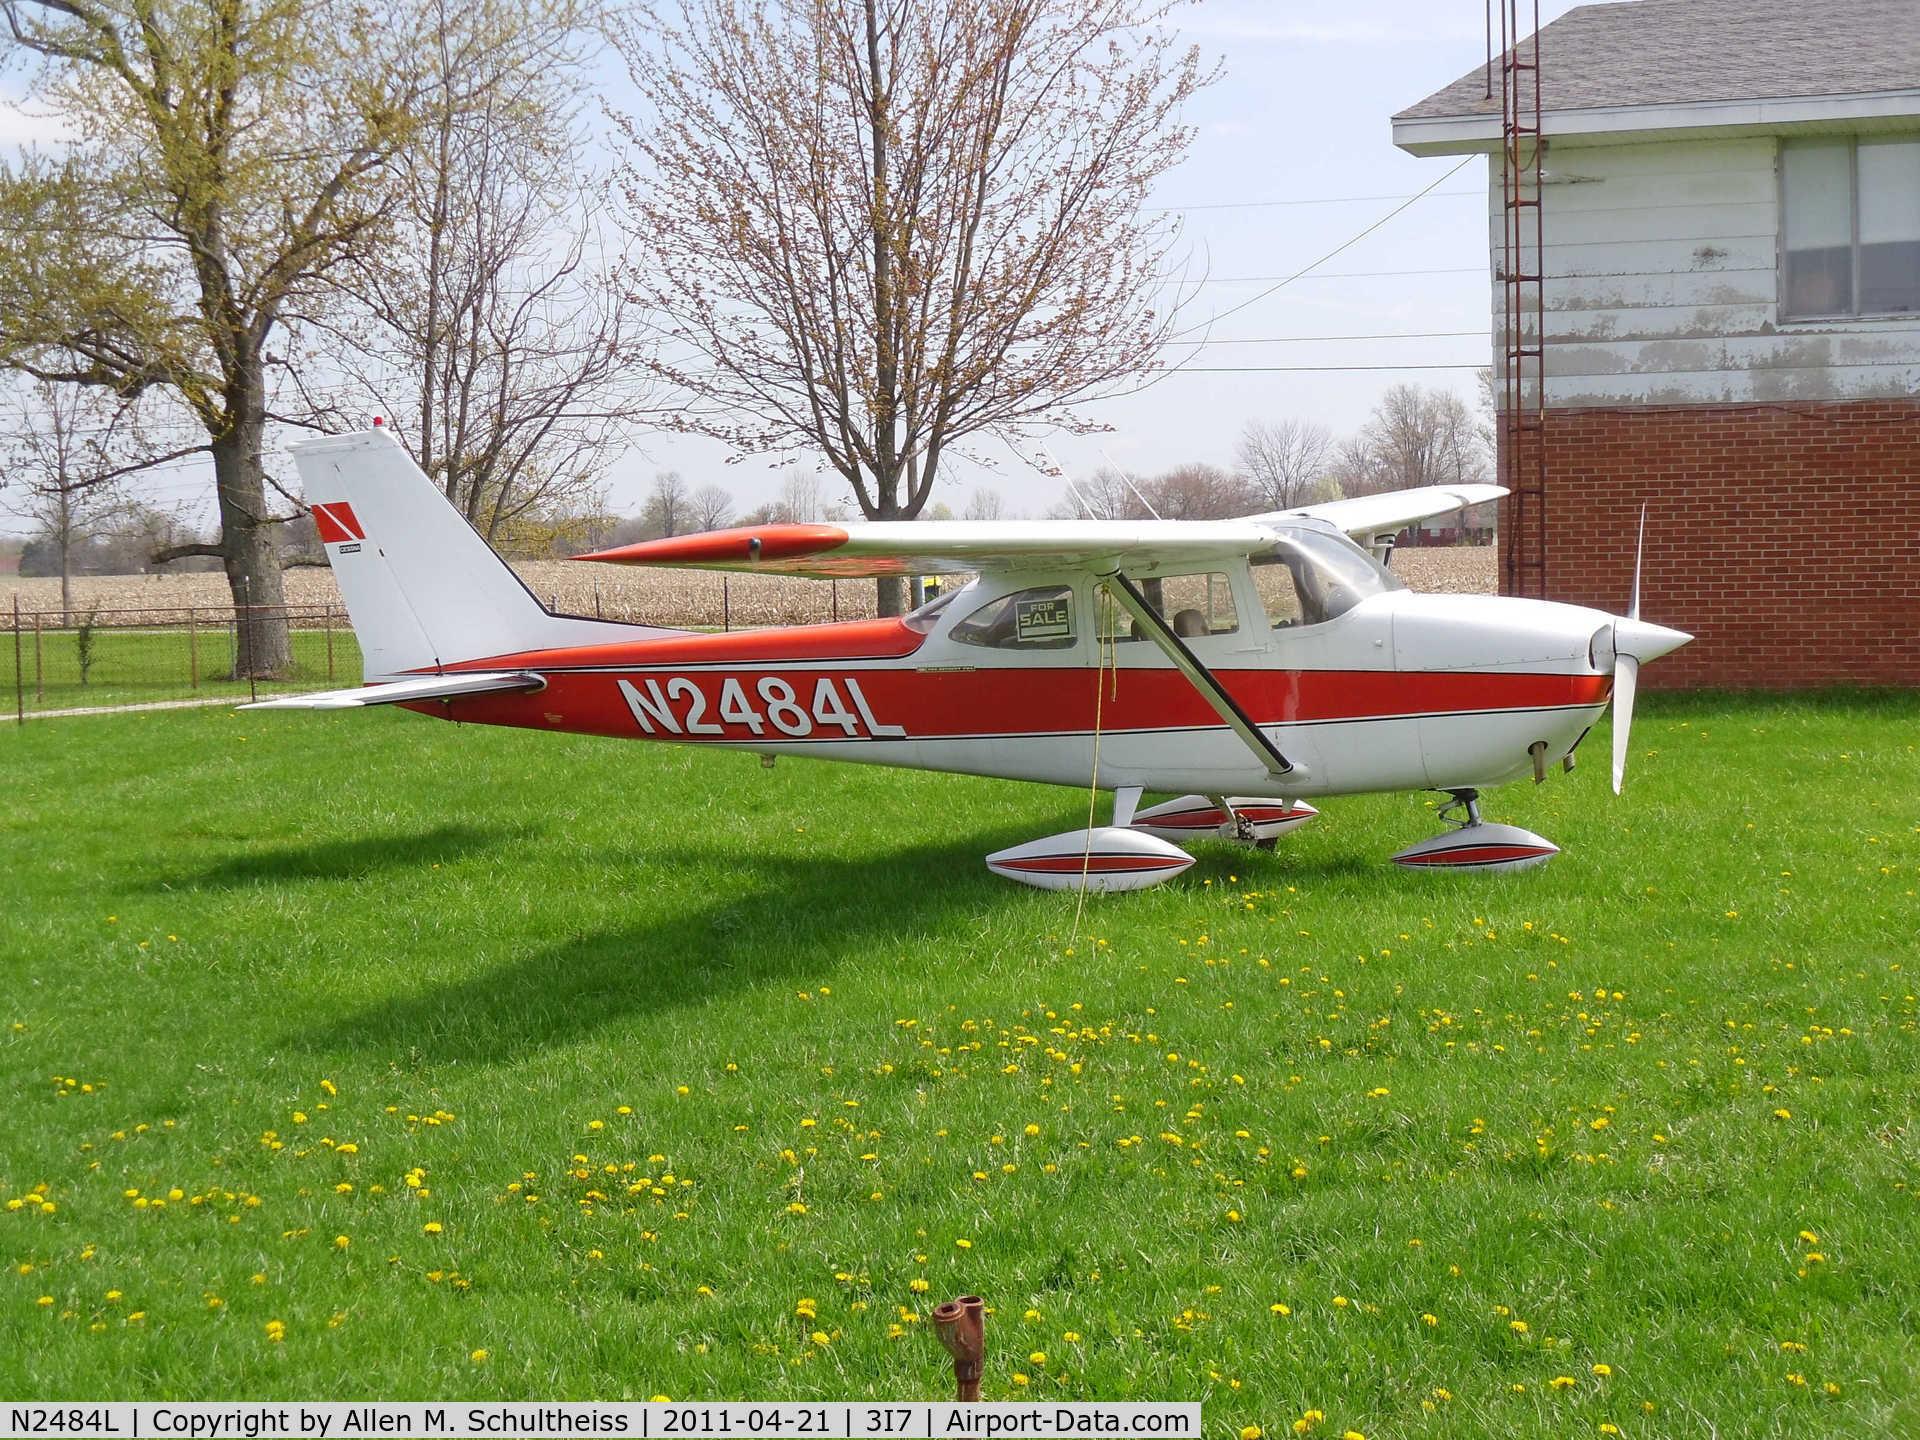 N2484L, 1966 Cessna 172H Skyhawk C/N 17255684, 1966 Cessna 172H